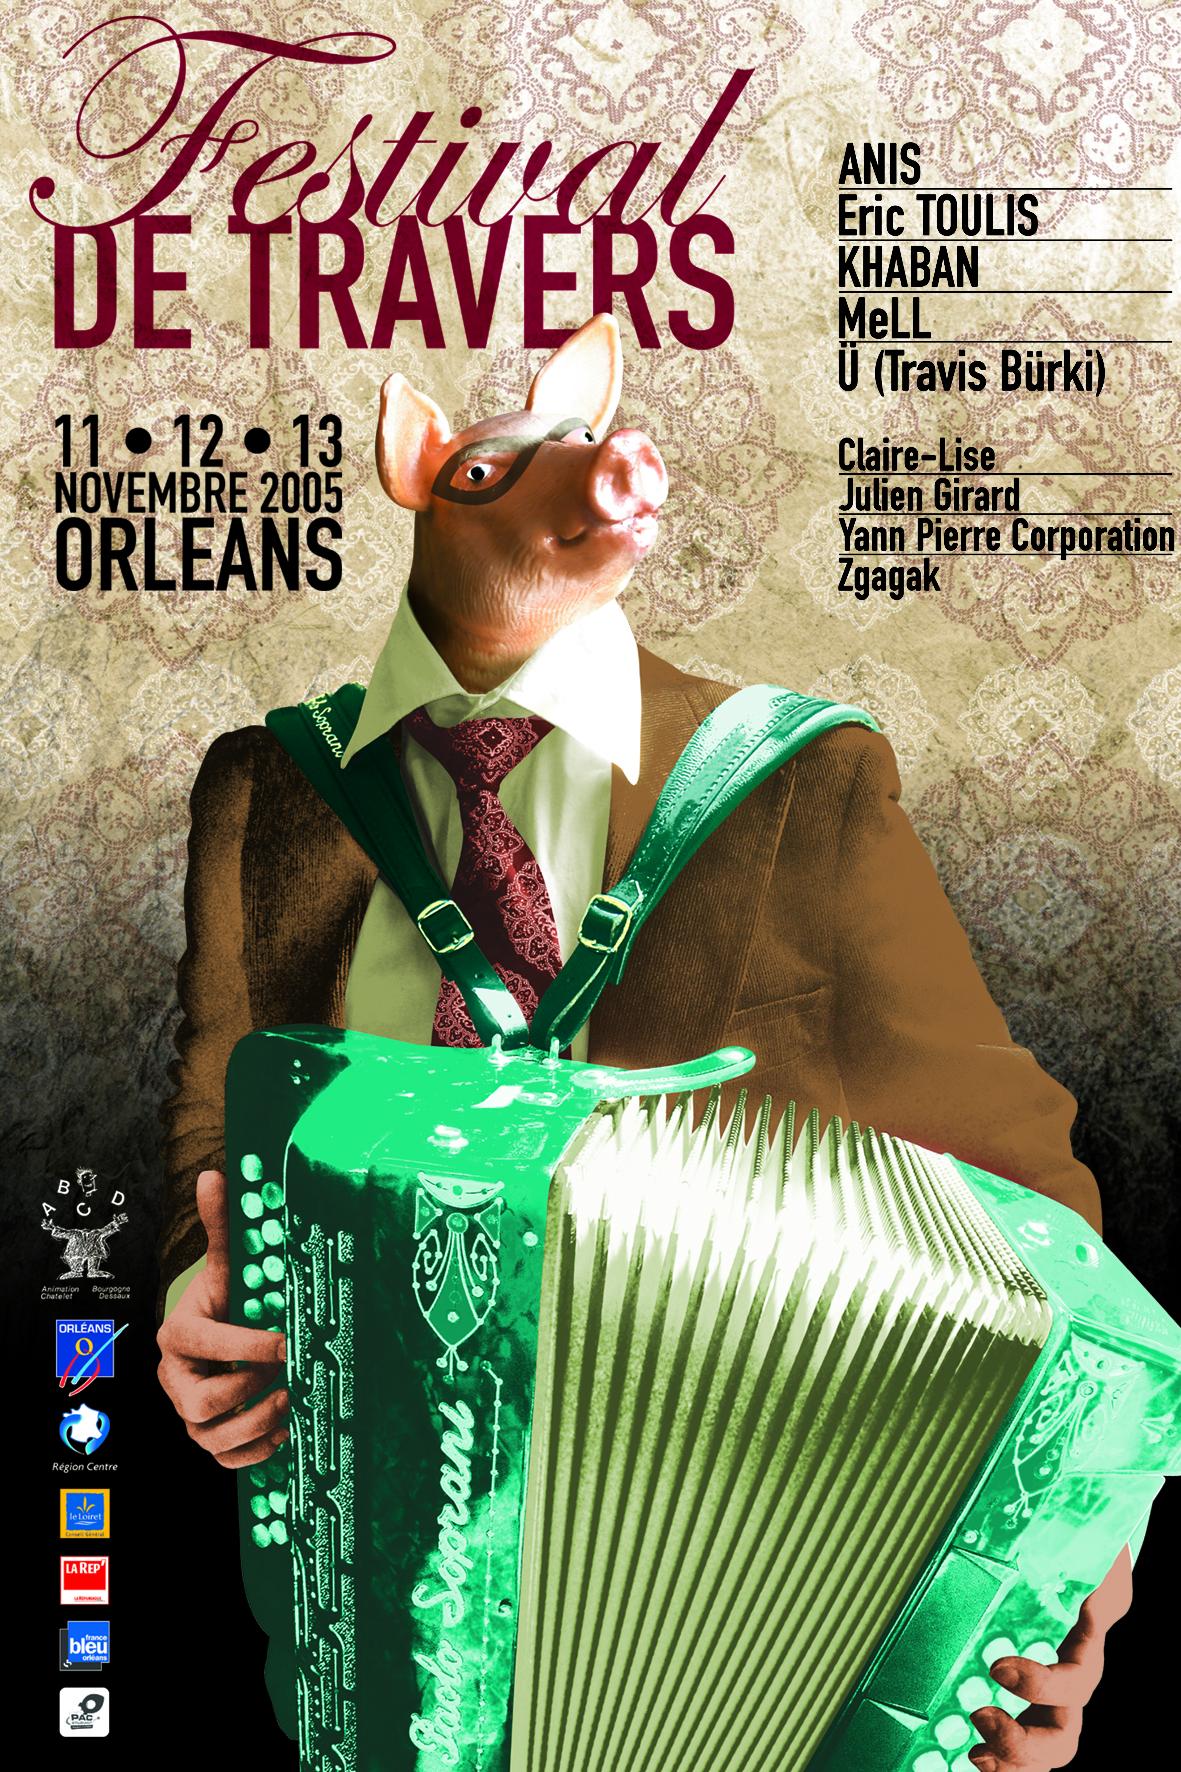 Affiche Festival de Travers 2005